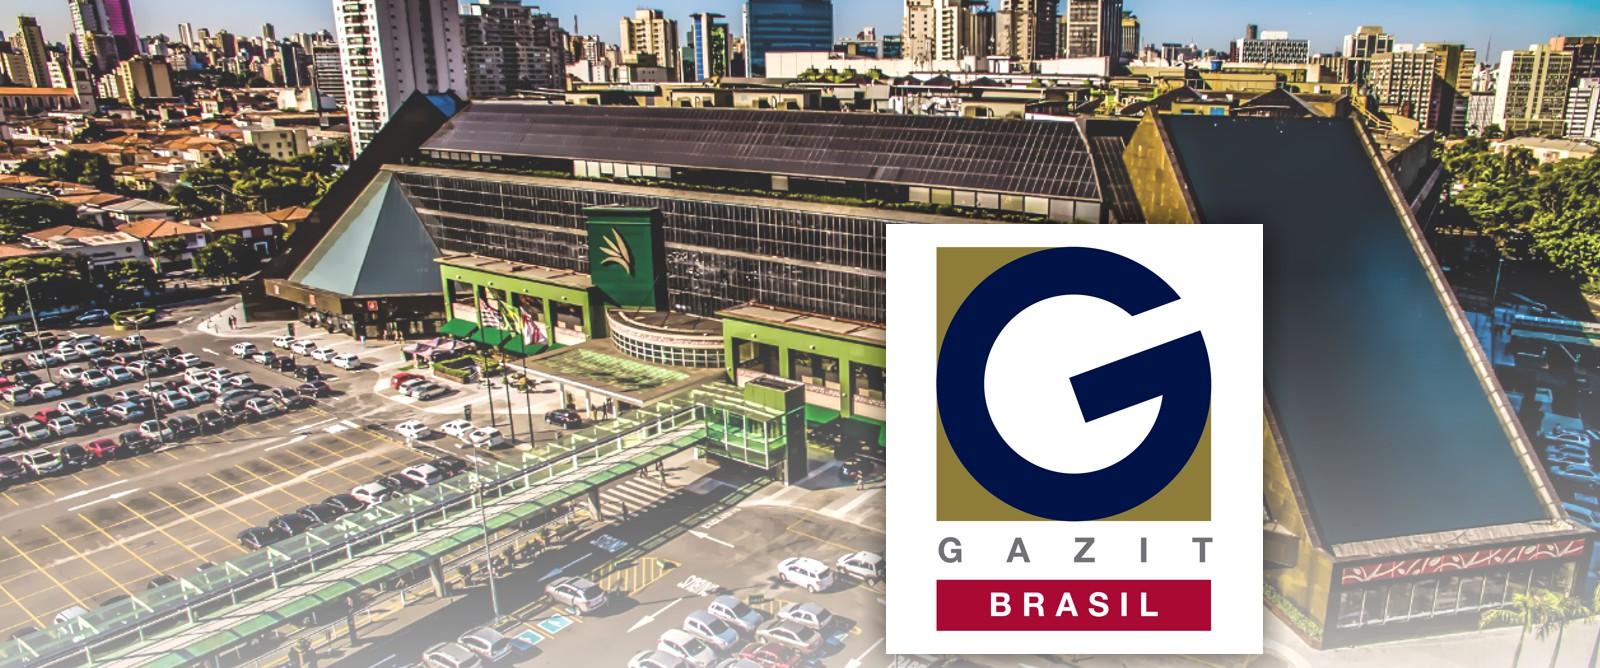 Think Digital - Case Gazit Brasil v2